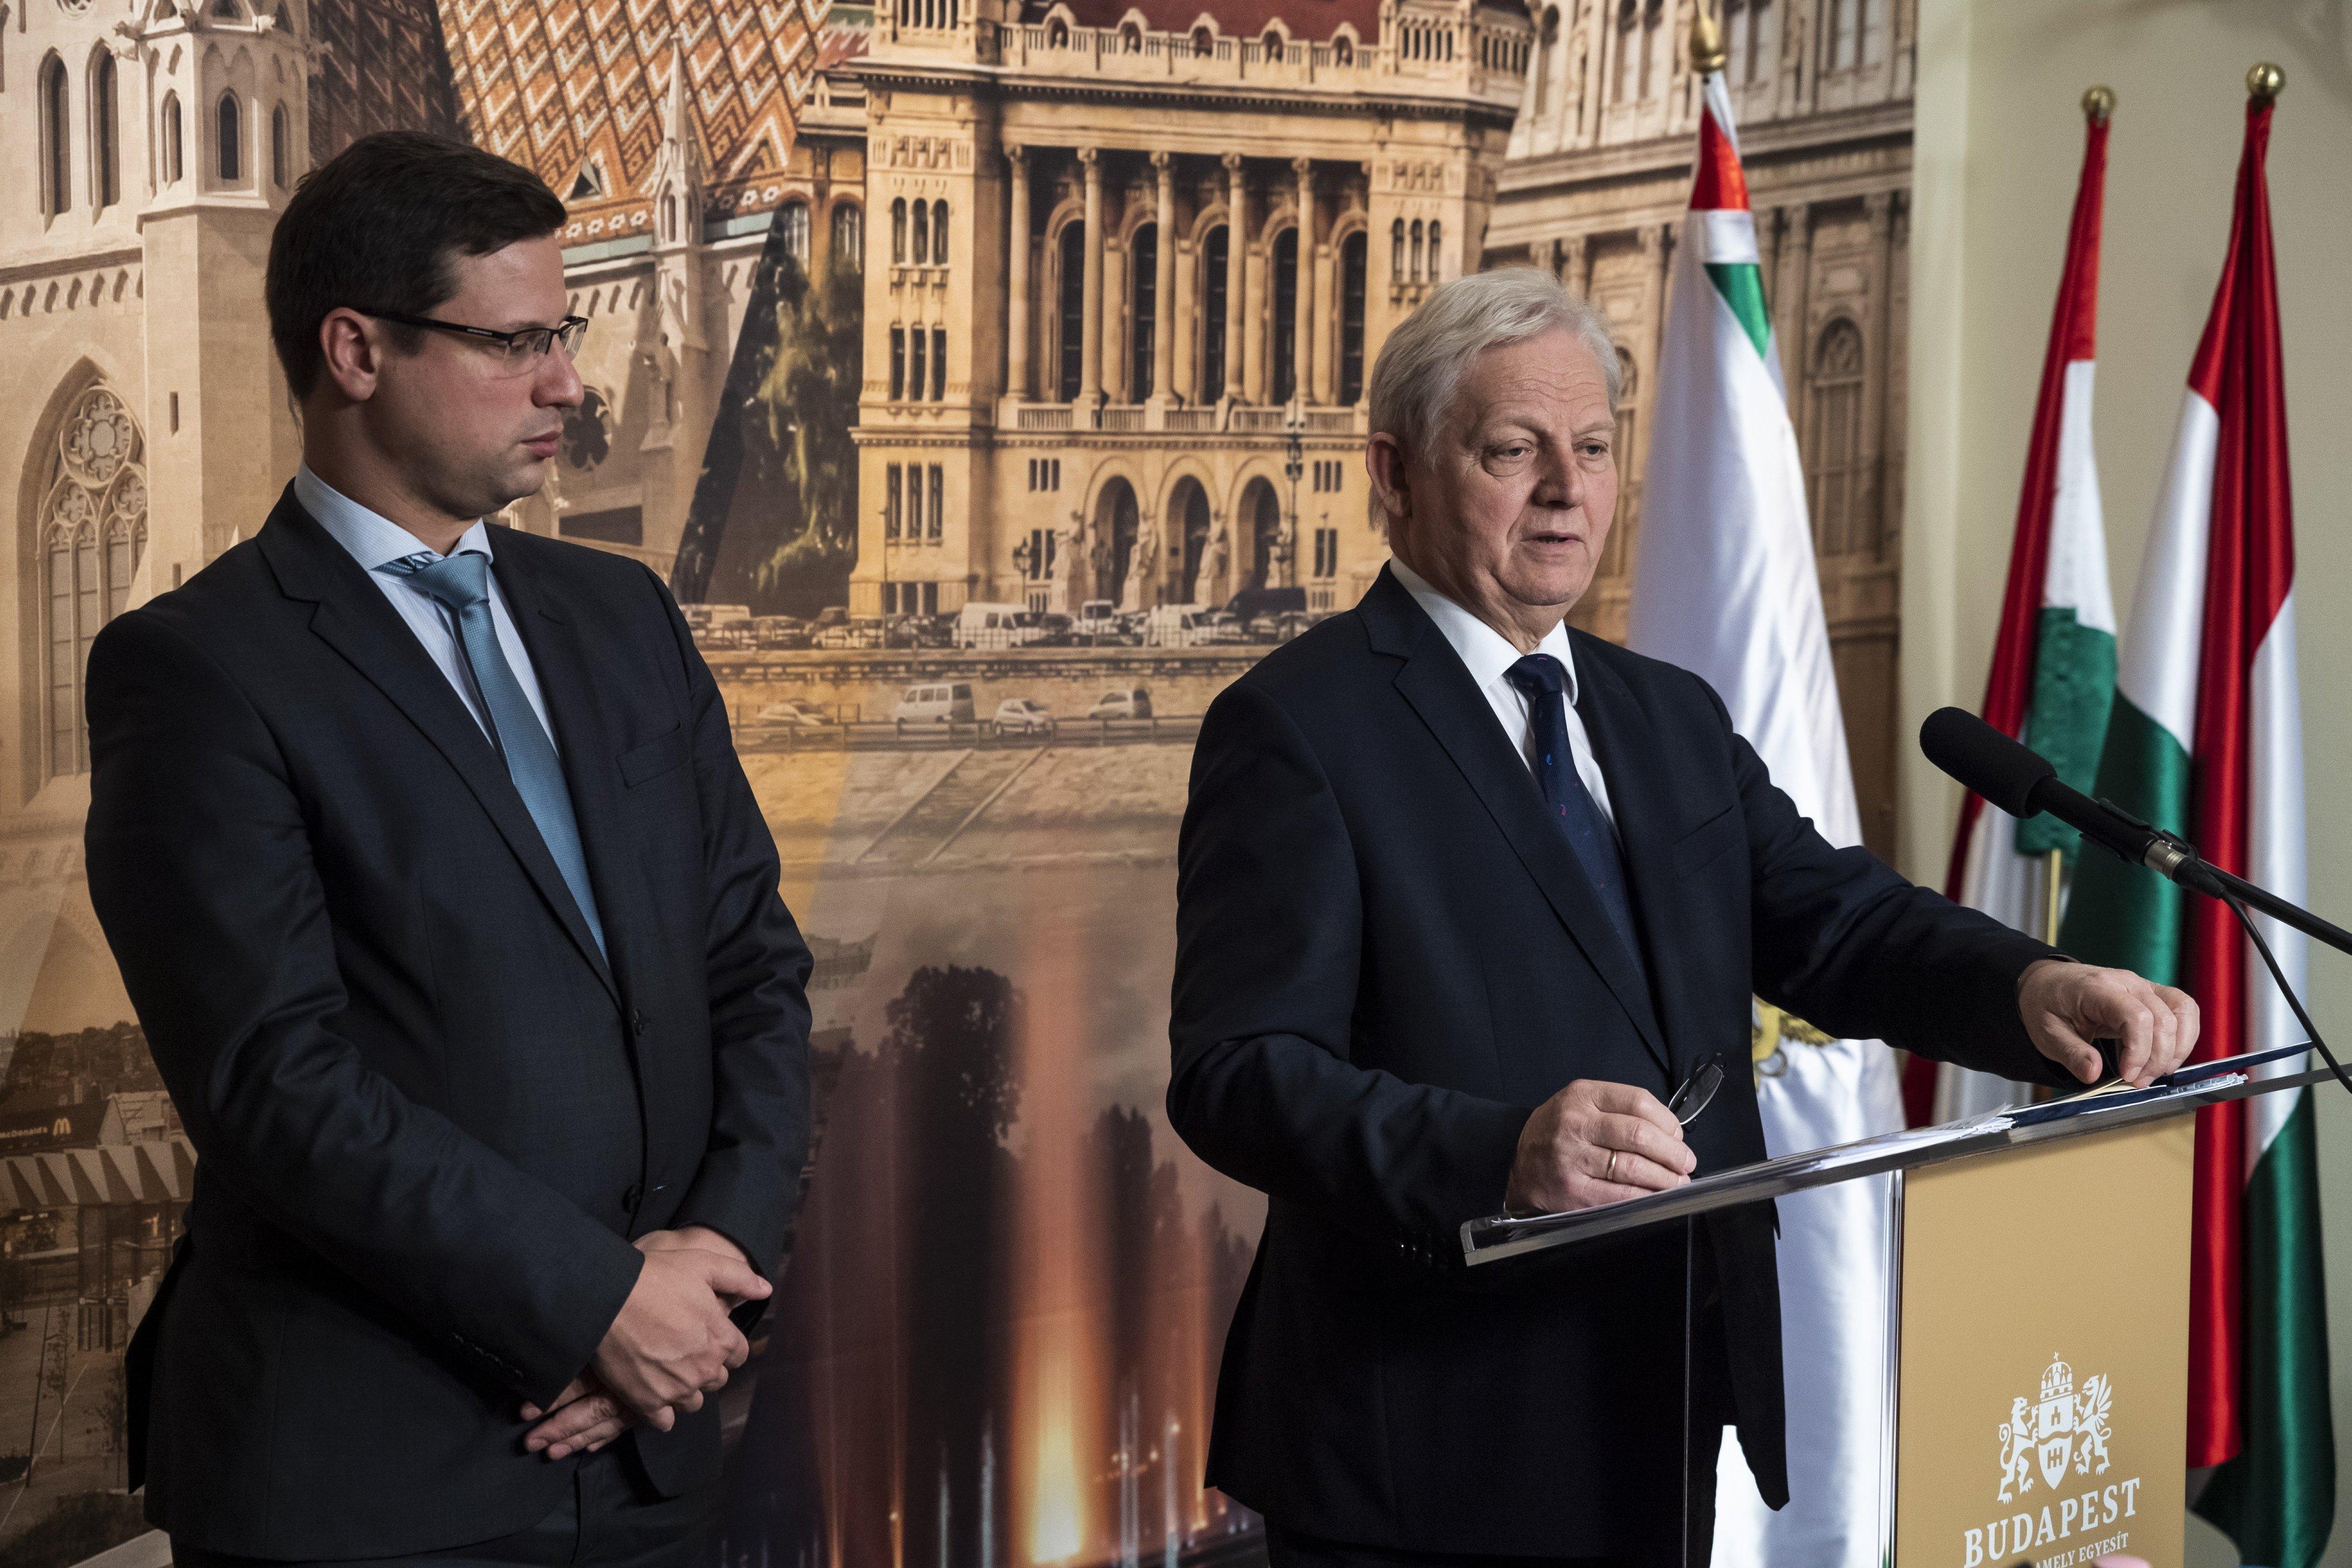 Tarlós: Kb. 1000 milliárd forintot jelent Budapestnek az Orbánnal aláírt megállapodás